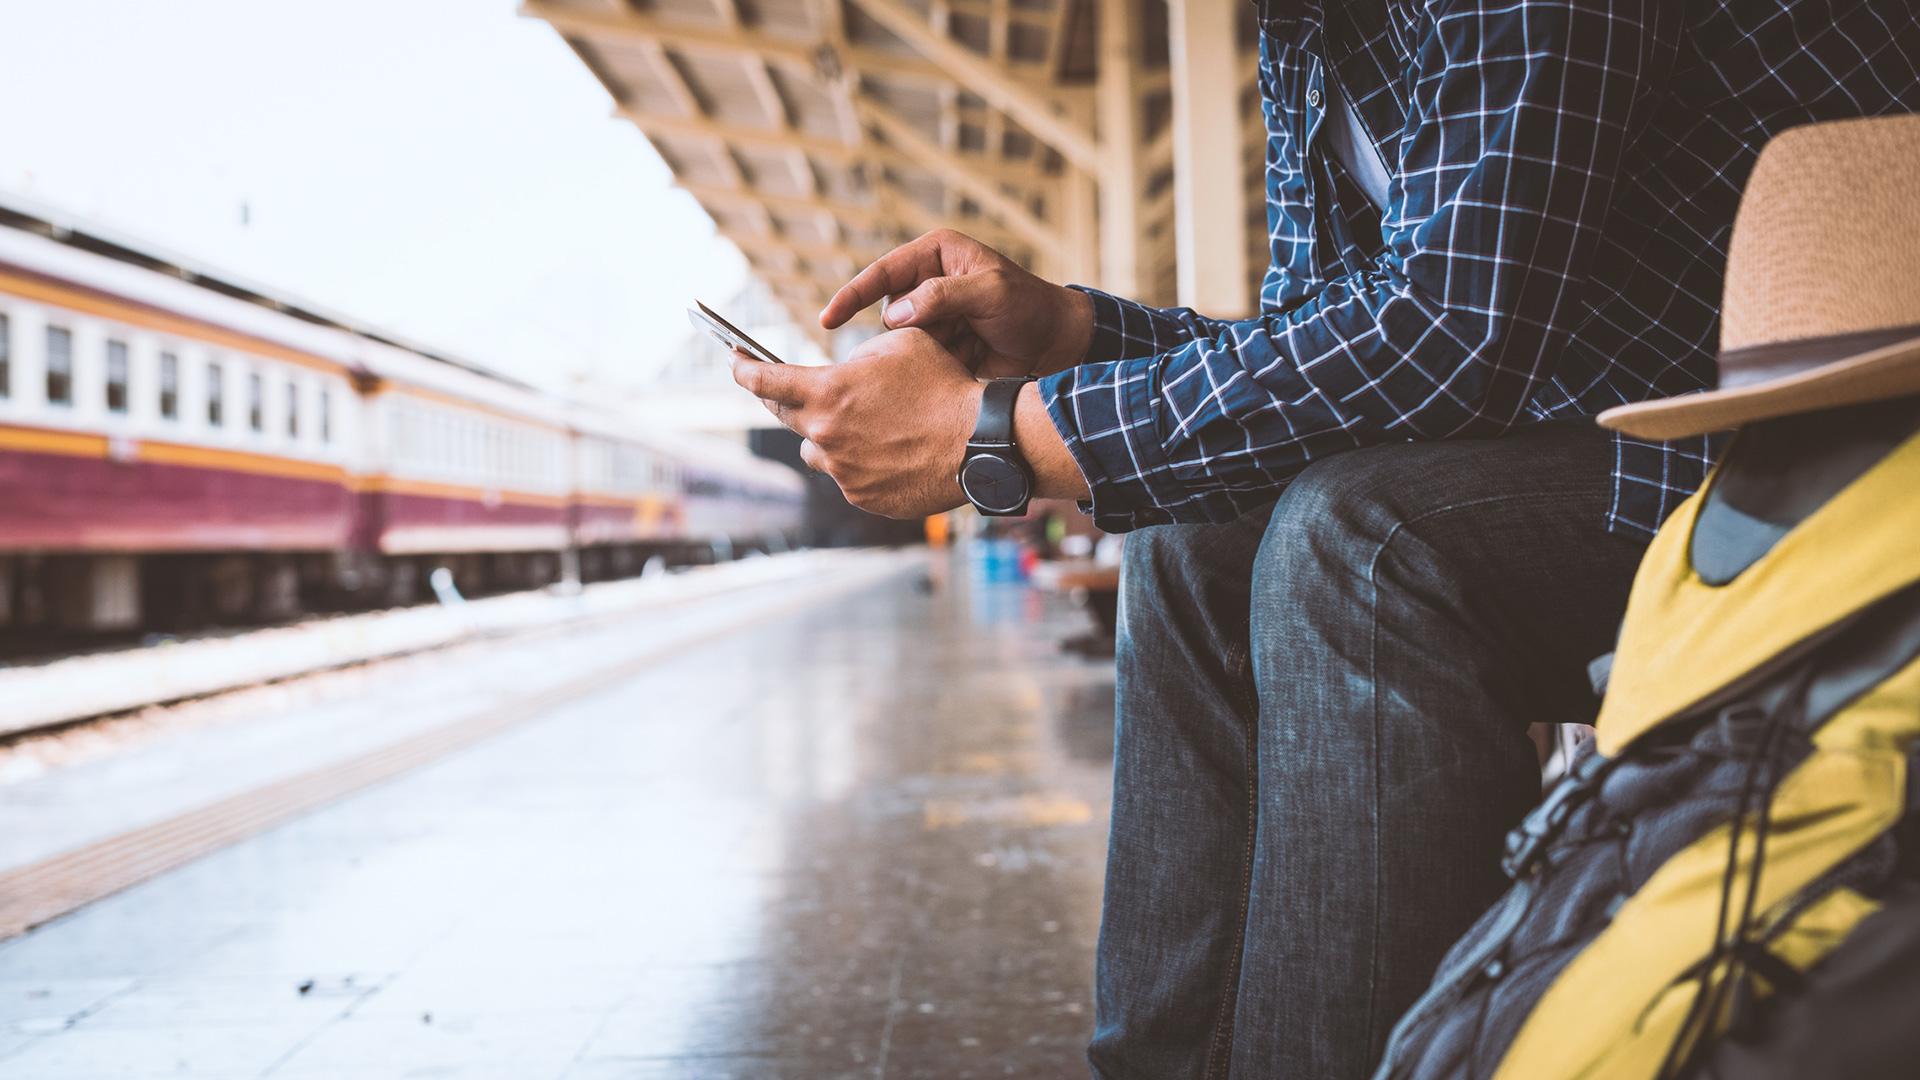 Ein Mann sitzt mit seinem Gepäck am Bahnhof und tippt etwas in sein Smartphone.